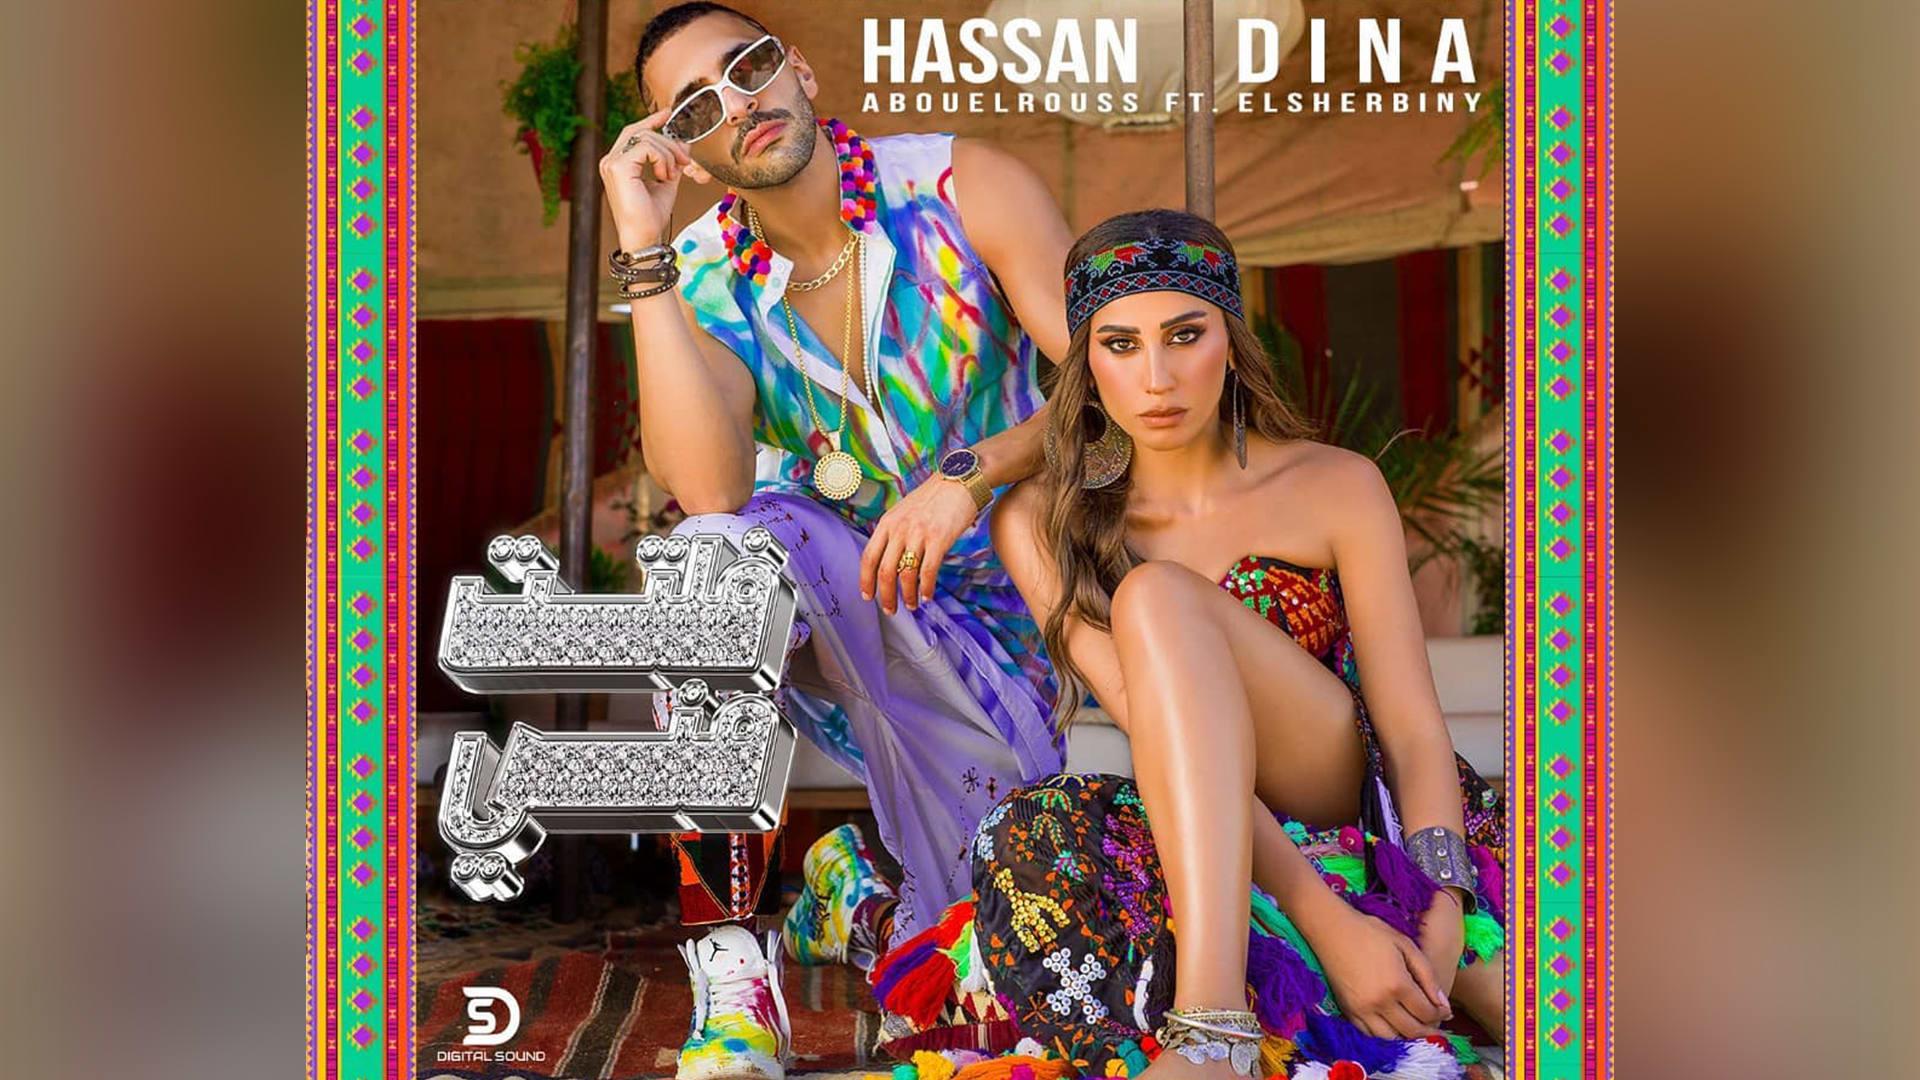 الصورة الترويجية لأغنية فلتت مني من حساب دينا الشربيني على إنستغرام